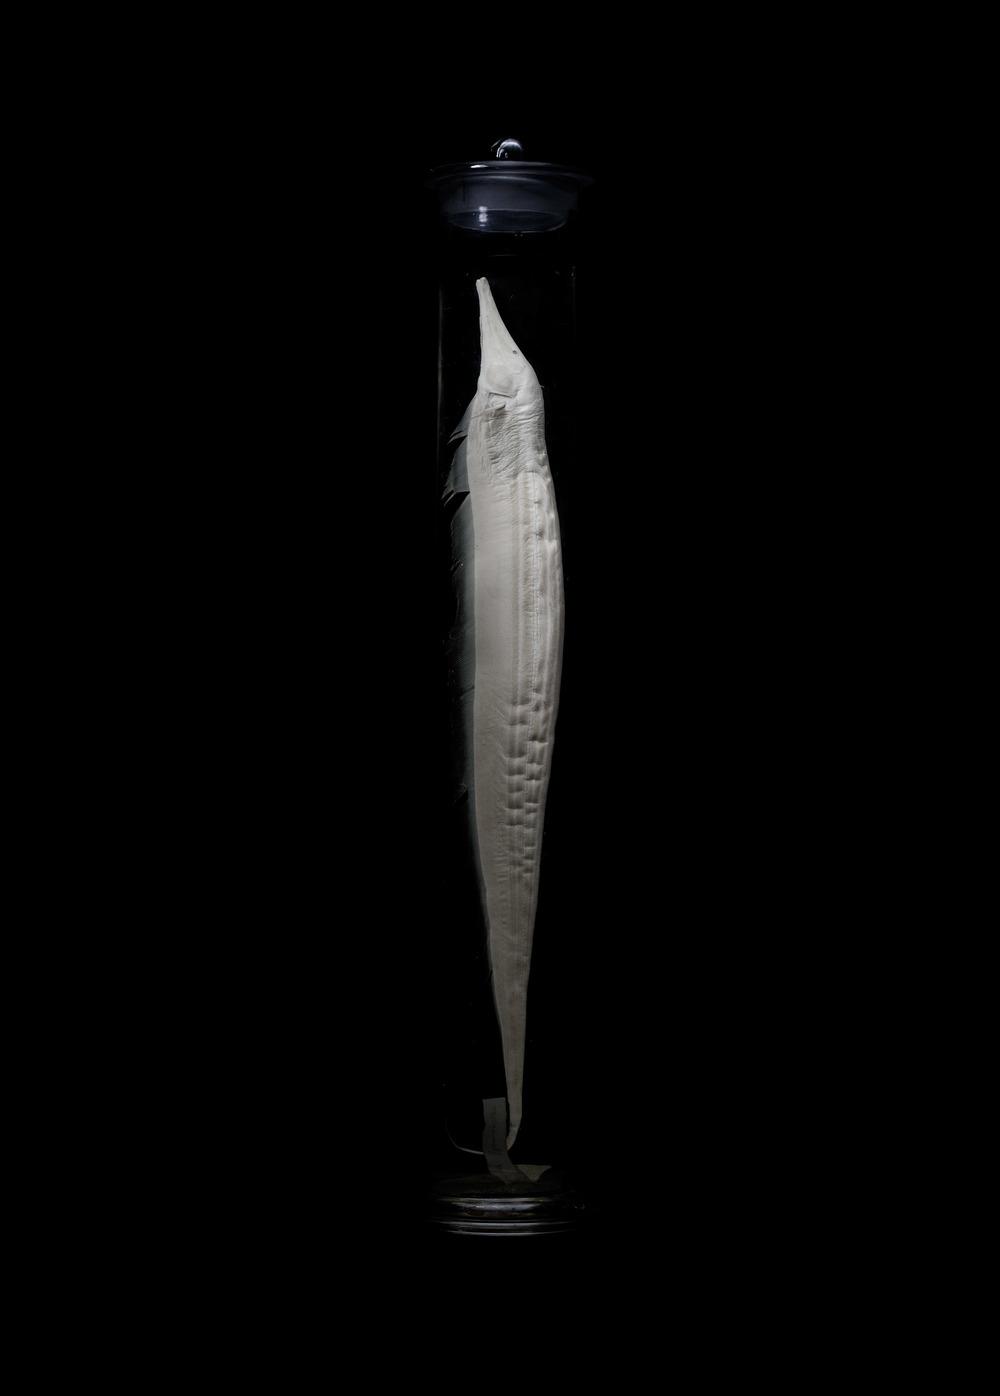 Rhamphichthys rostratus